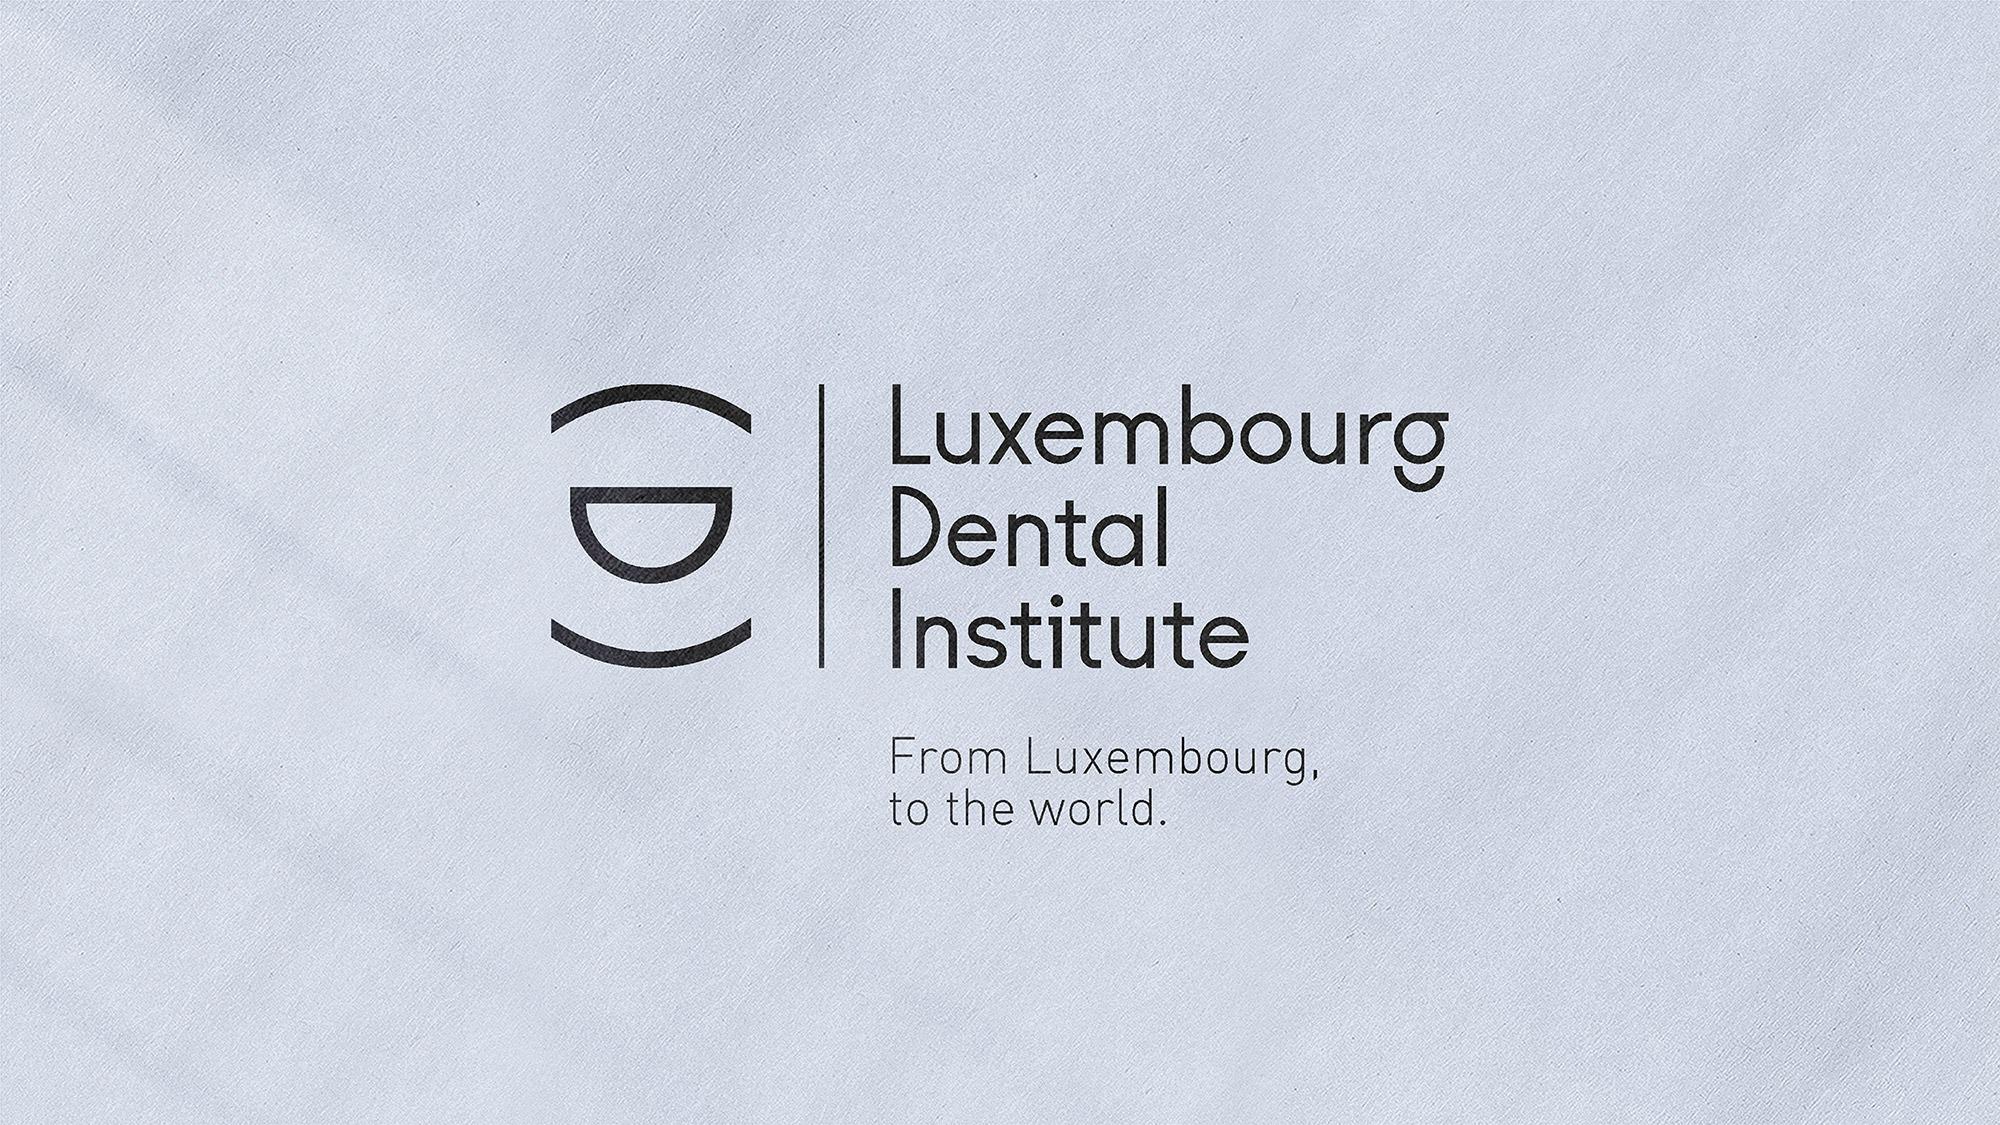 卢森堡牙科学院品牌VI设计